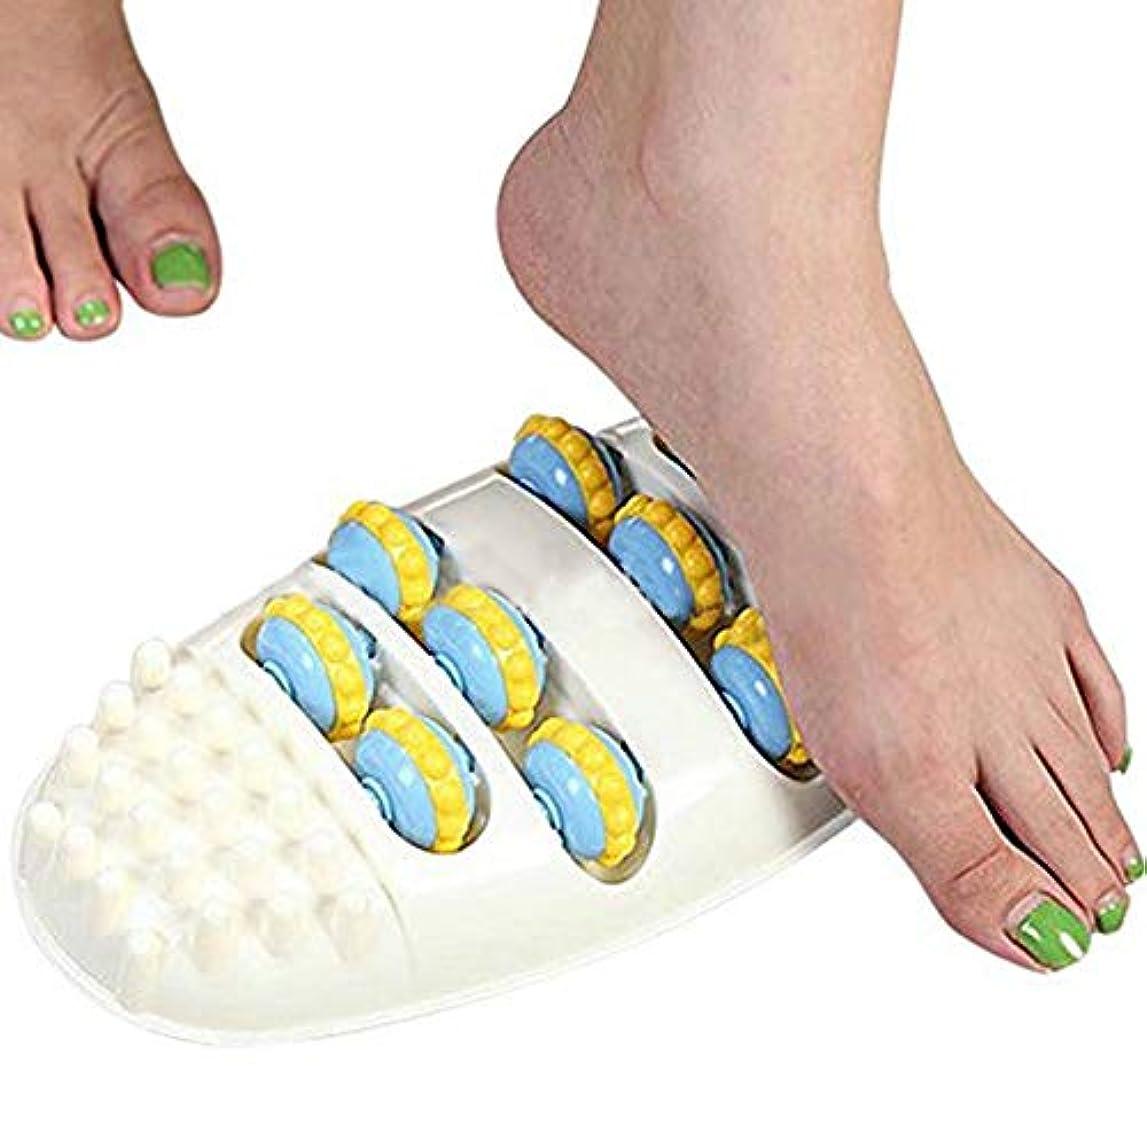 シロクマ細部強大なZIME フットマッサージローラー、フットマッスルリラックスツール - 足の痛みと足底筋膜炎を和らげる